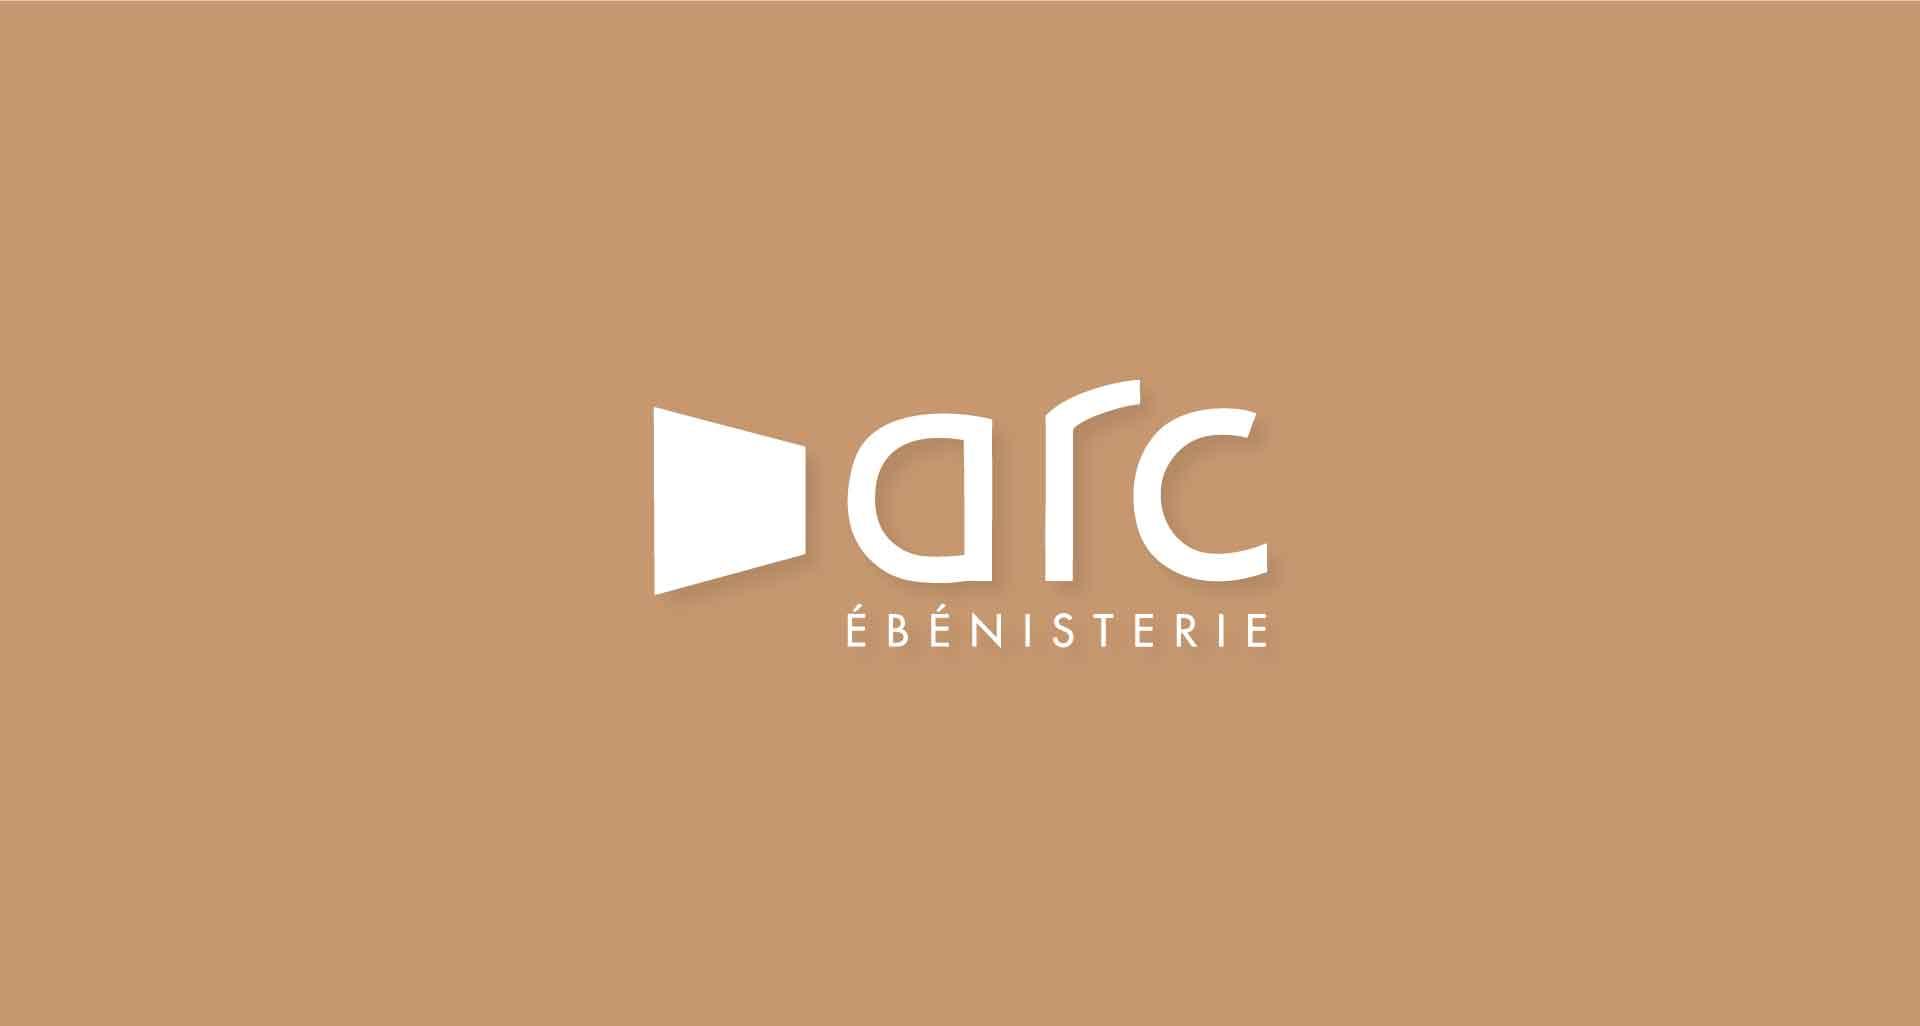 Refonte de l'identité graphique pour Arc Ébénisterie par l'agence Cassian